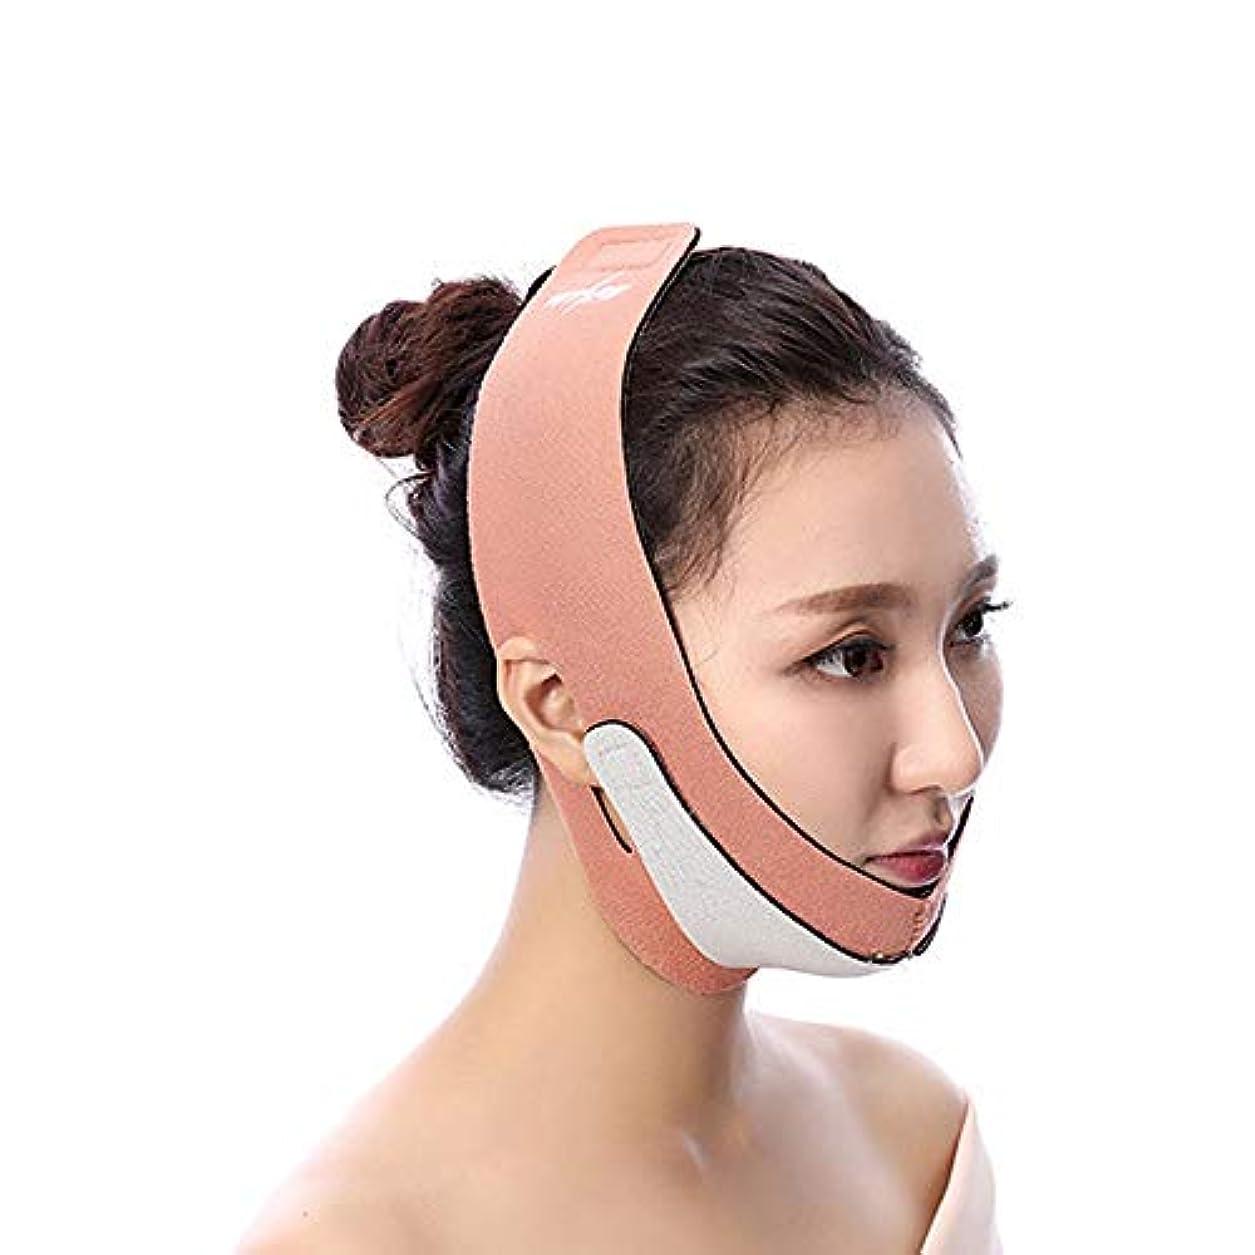 ハチのみラッドヤードキップリング薄型フェイスマスク、フェイスリフティングに最適、フェイスバンドを引き締めて肌の包帯を締め、頬あごの持ち上げ、肌の包帯を引き締める(ワンサイズはすべてにフィット) (Color : Orange)